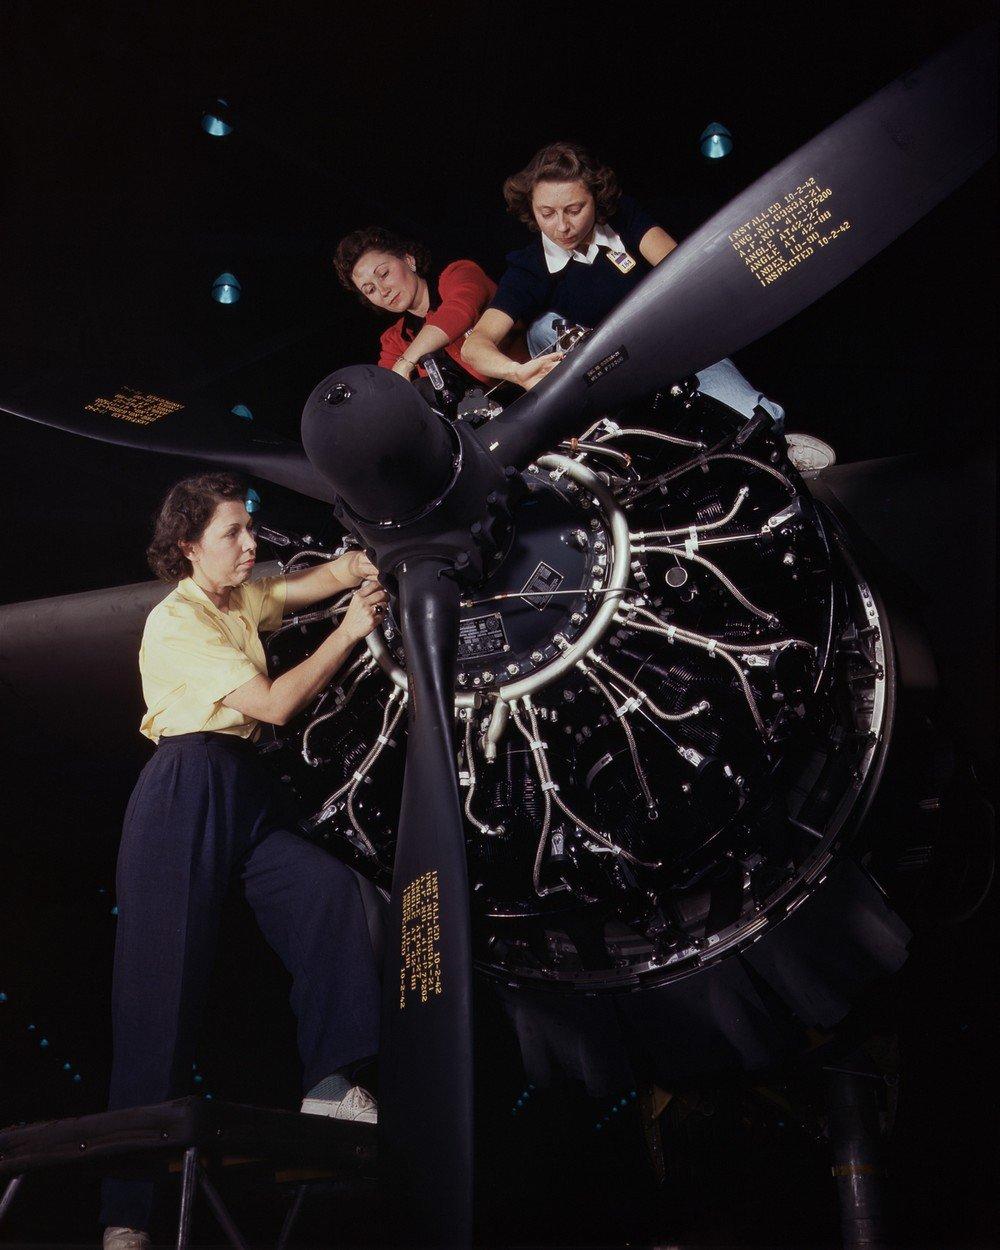 womenworkers-25